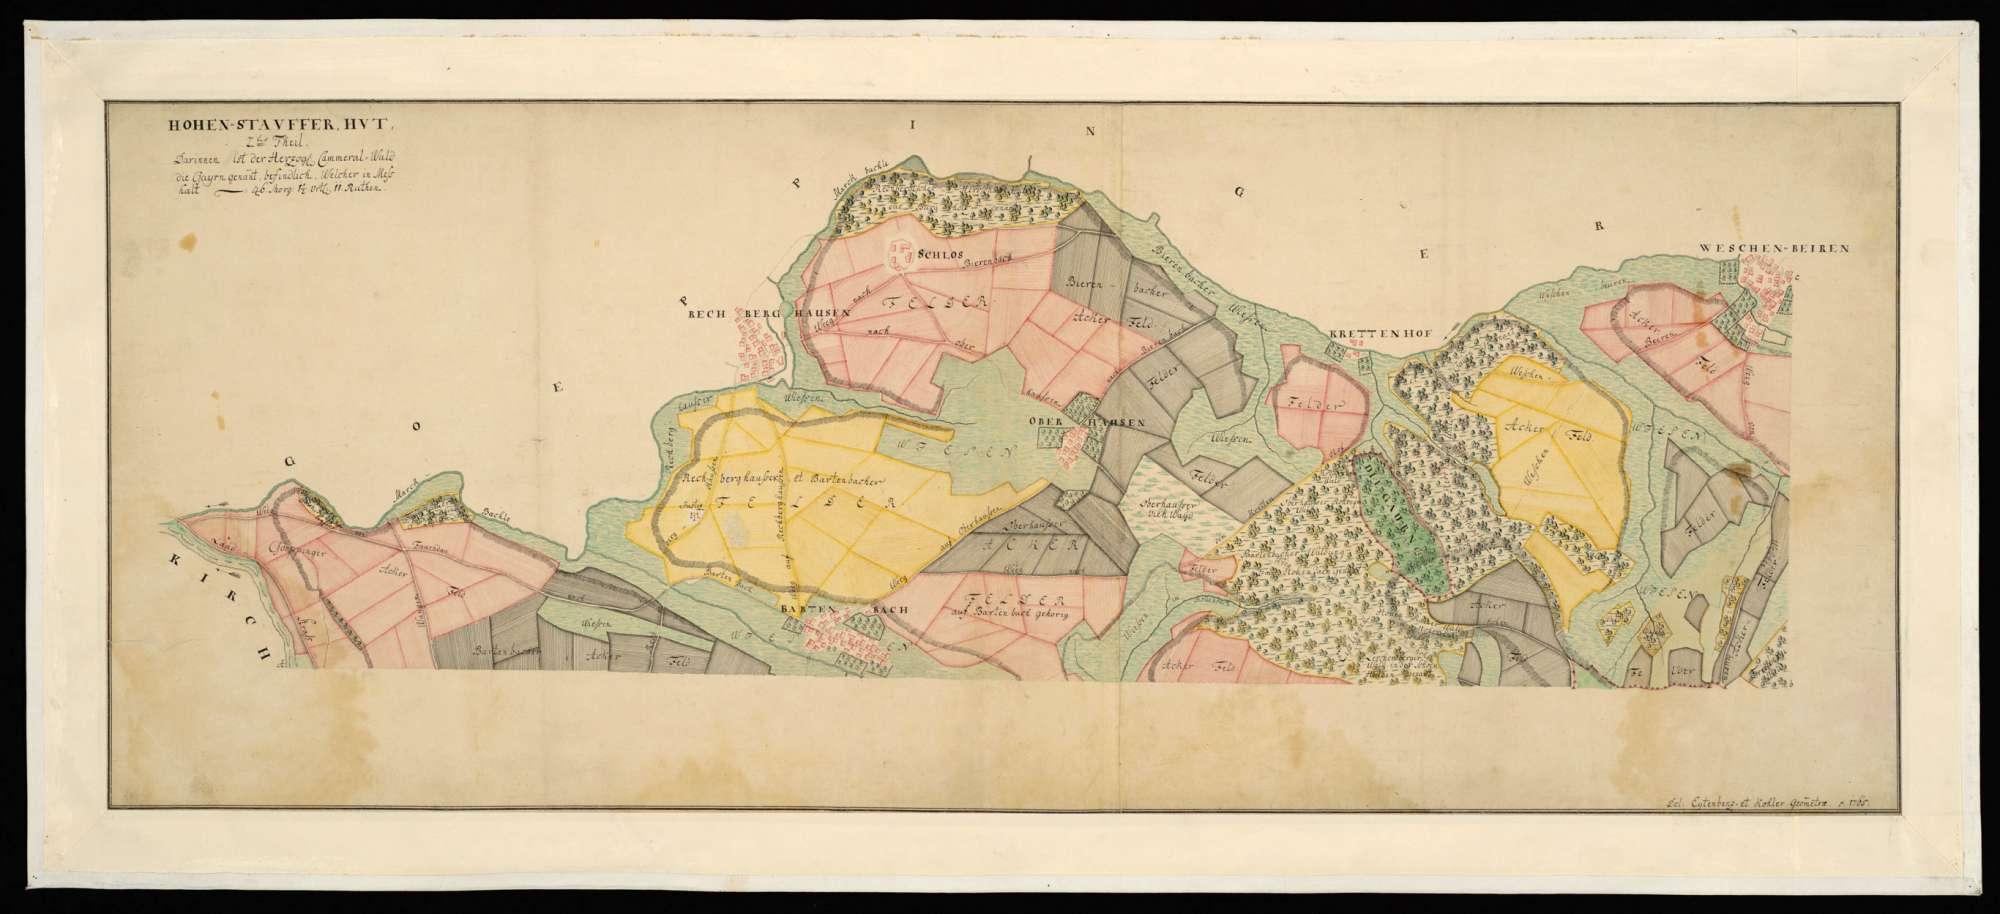 """[Schorndorfer Oberforst] """"Hohenstaufer Hut, 2. Teil, darinnen ist der herzogliche Kammerwald, die Gayrn genannt, befindlich, welcher in Meß hält ..."""", Bild 1"""